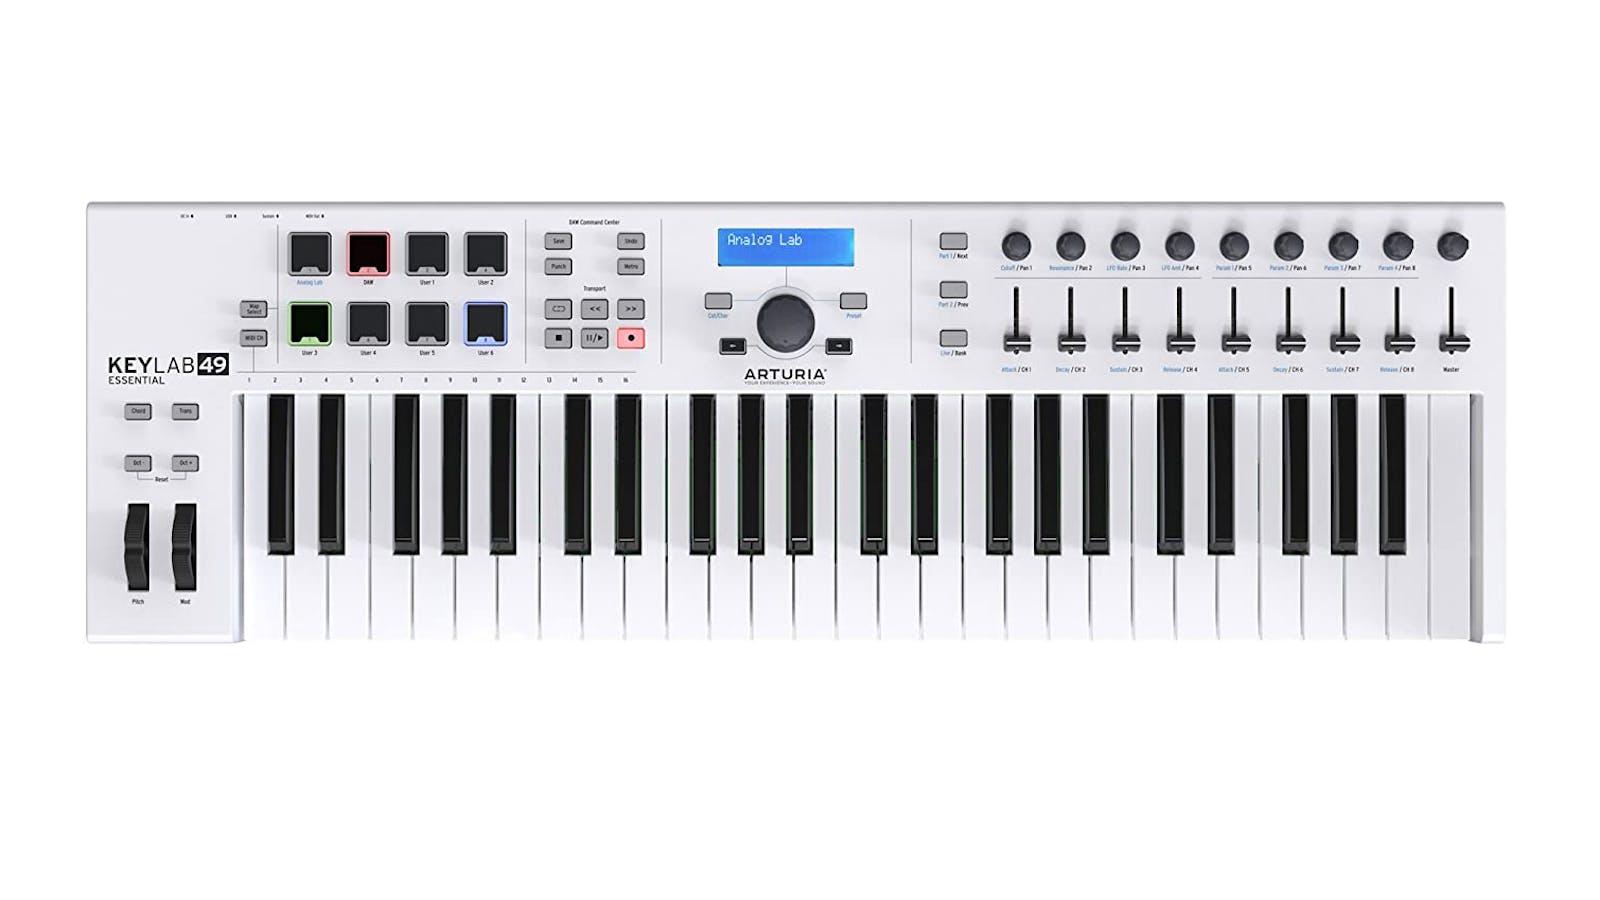 Arturia KeyLab Essential (49-key) MIDI keyboard